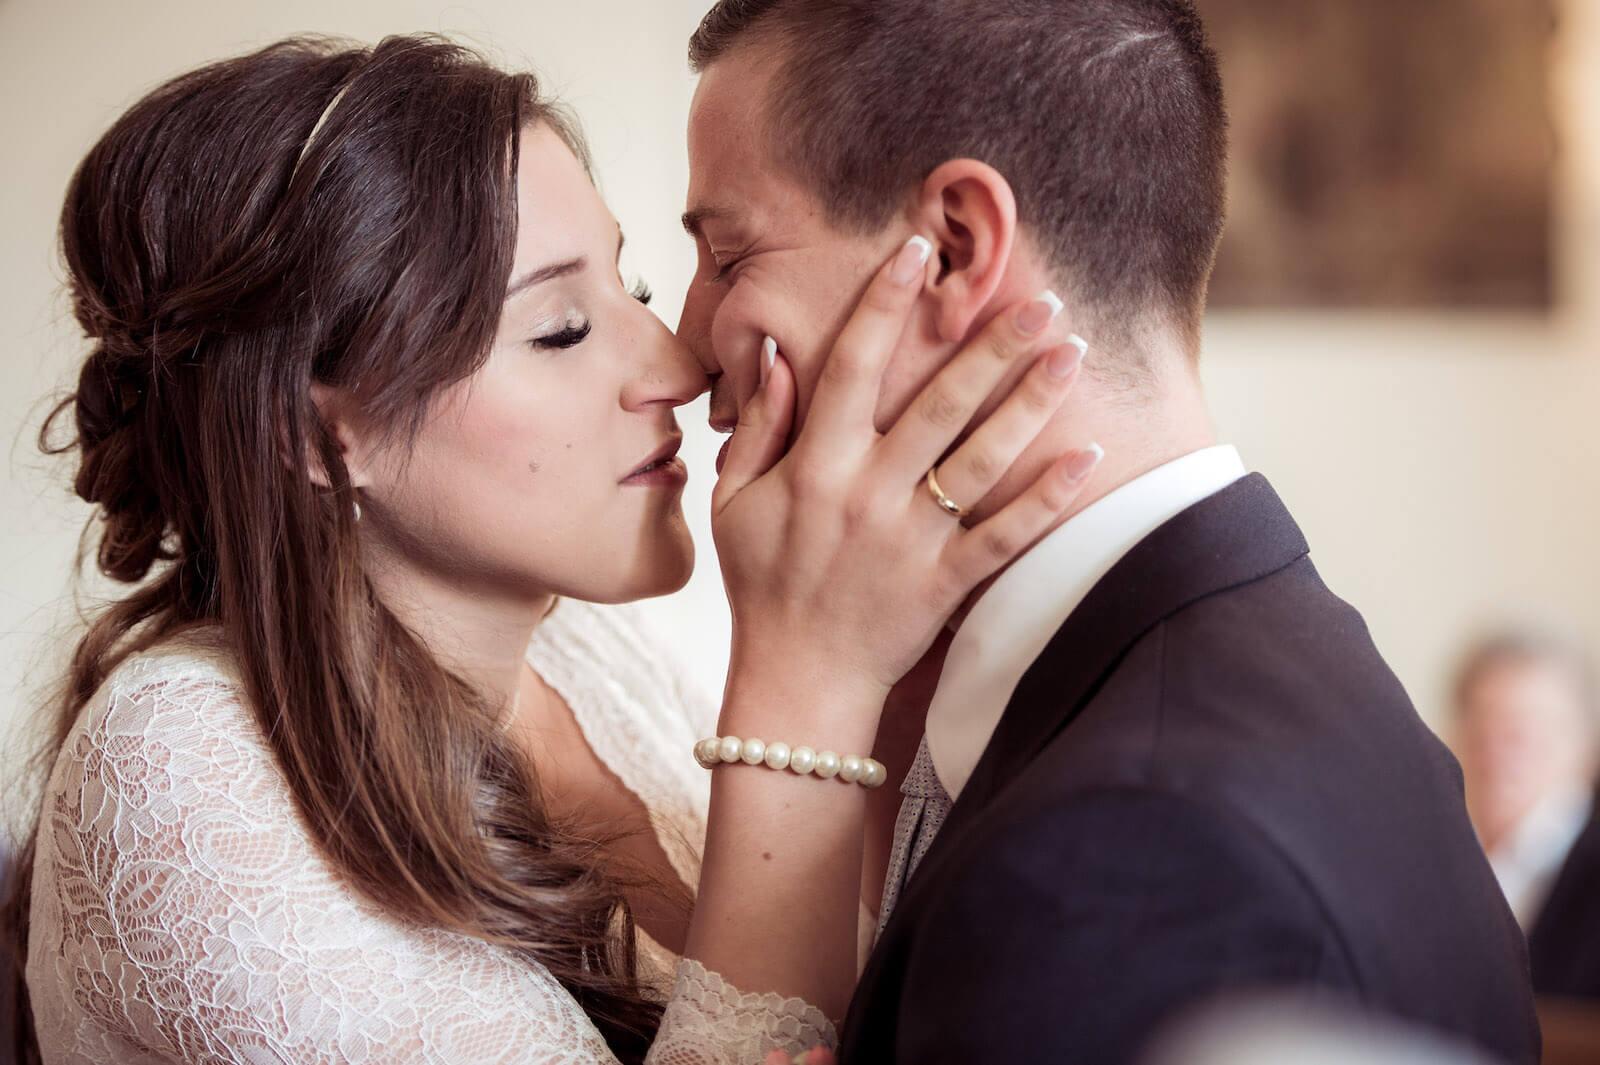 Hochzeit mit Babybauch - Braut und Bräutigam küssen sich